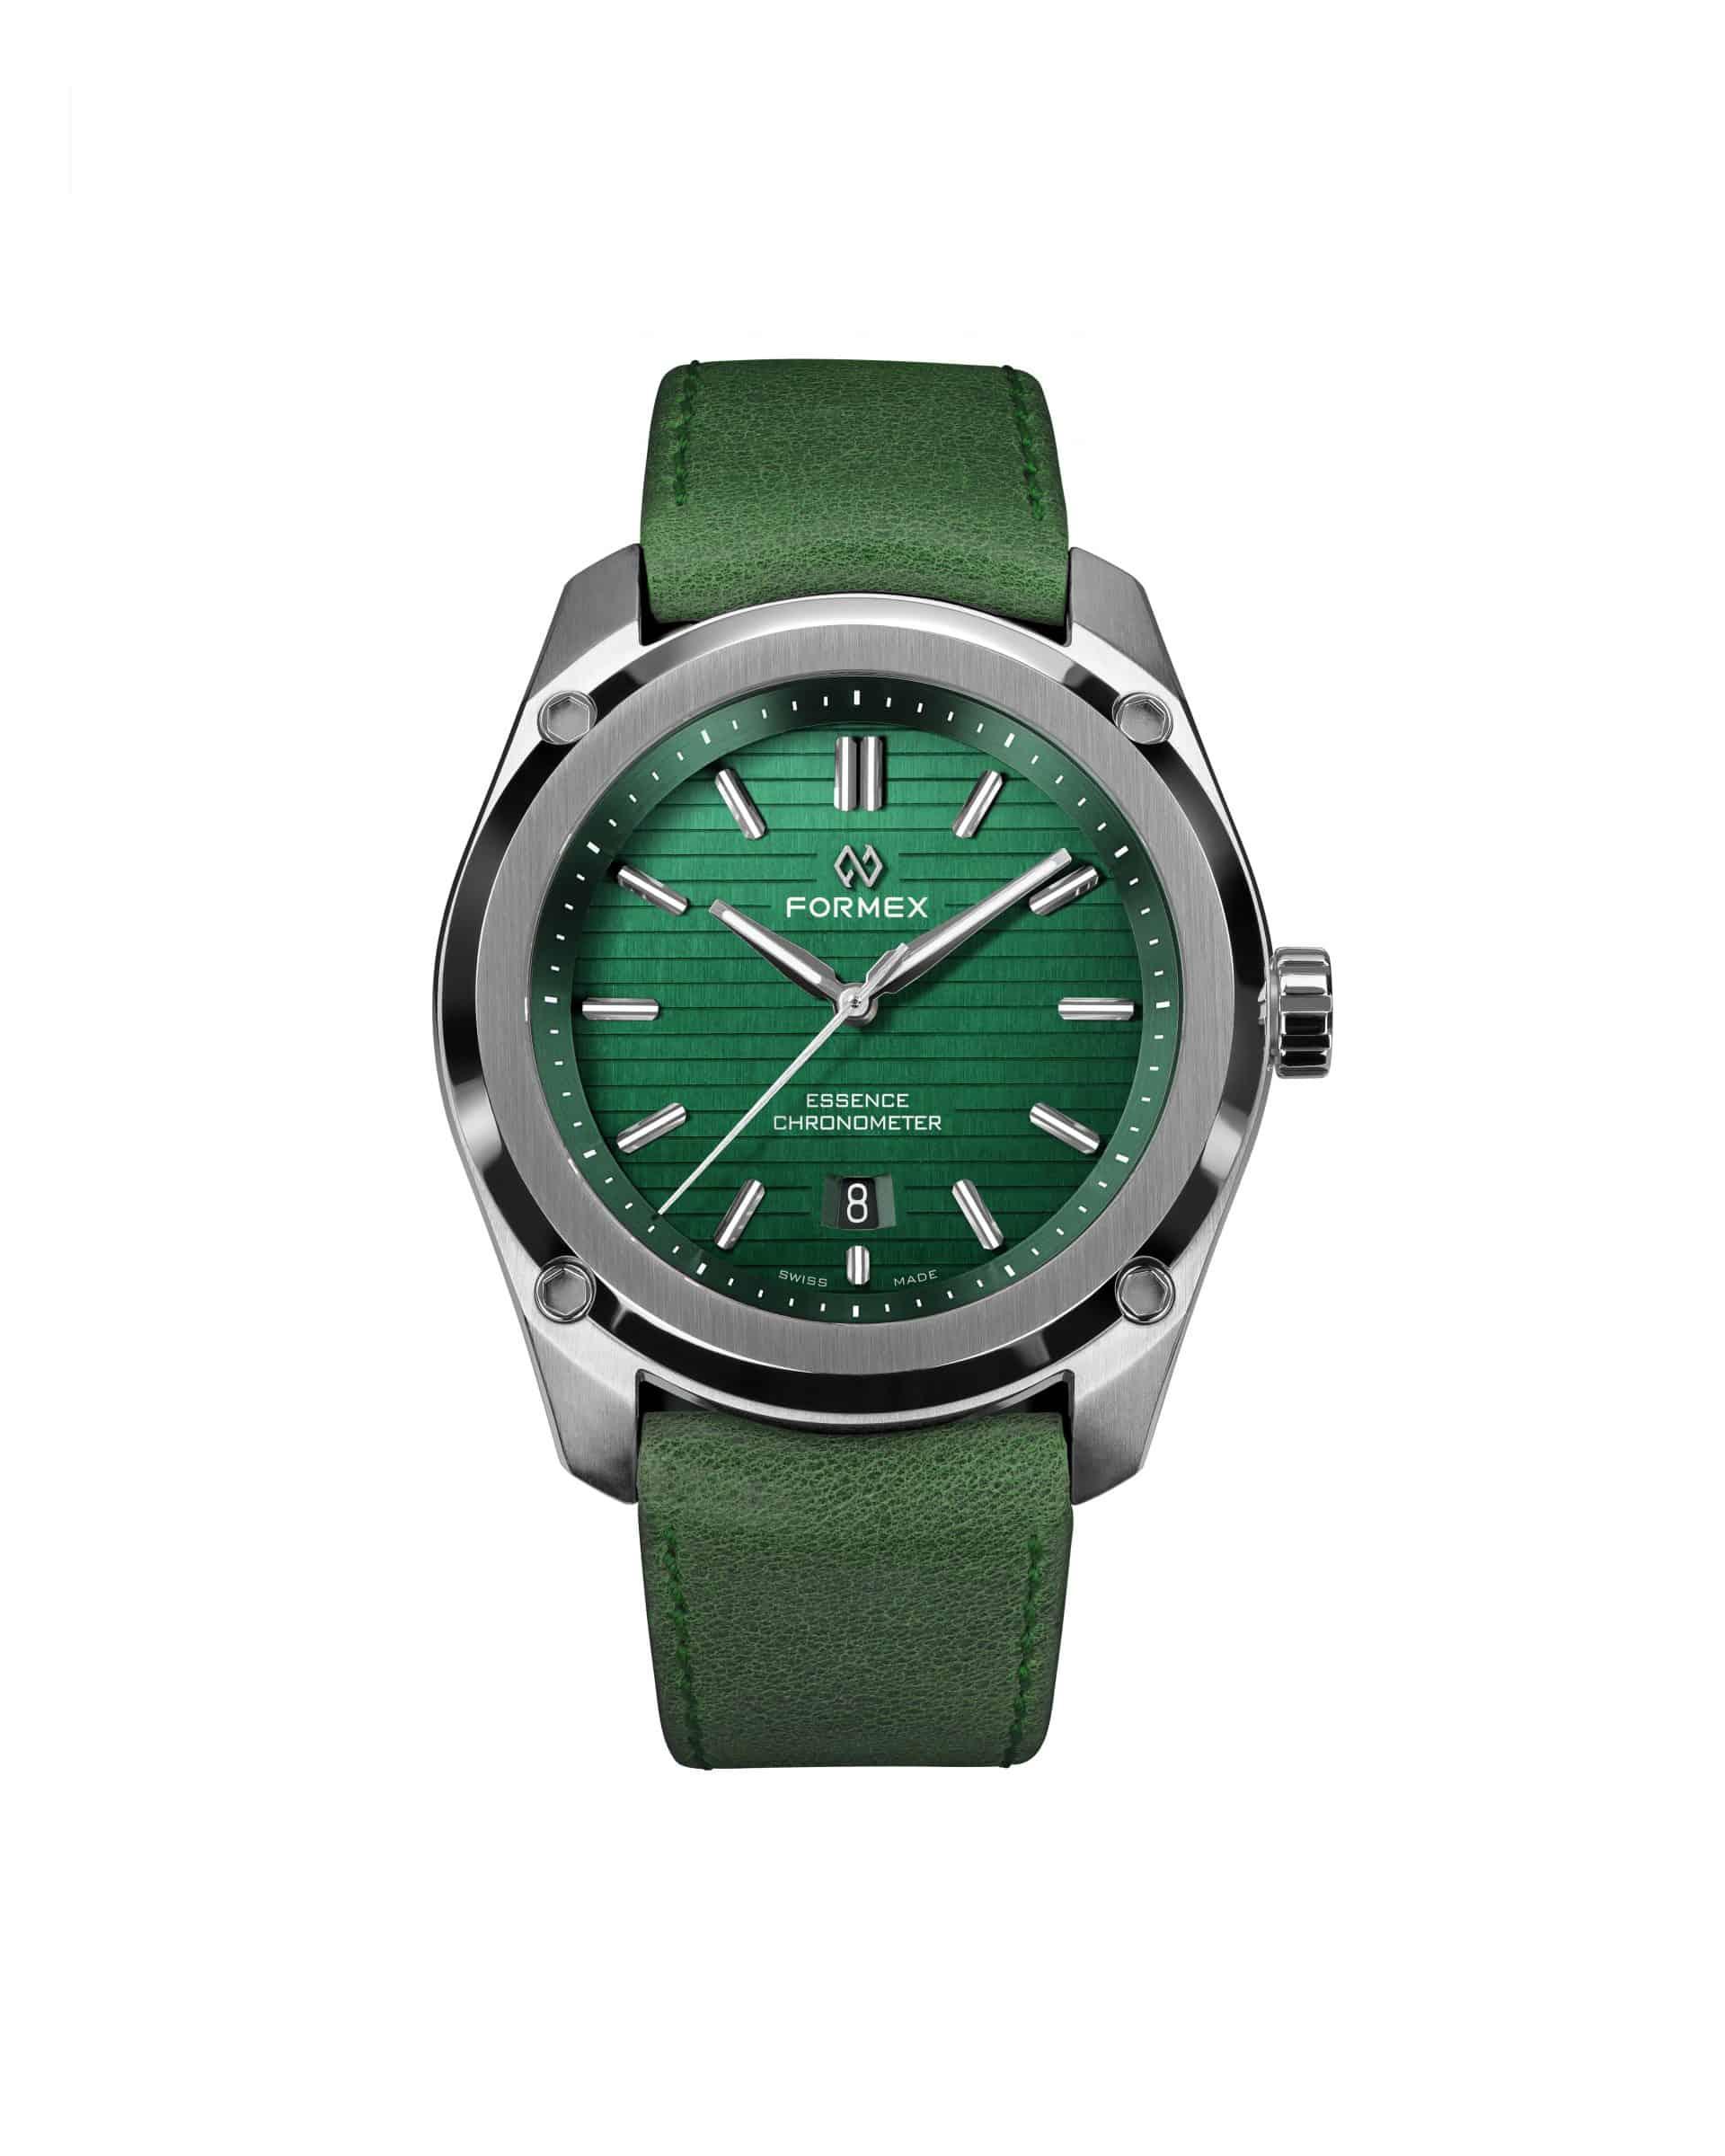 Grünes Zifferblatt - die Formex Essence Thirtynine 0333.1.6600.710